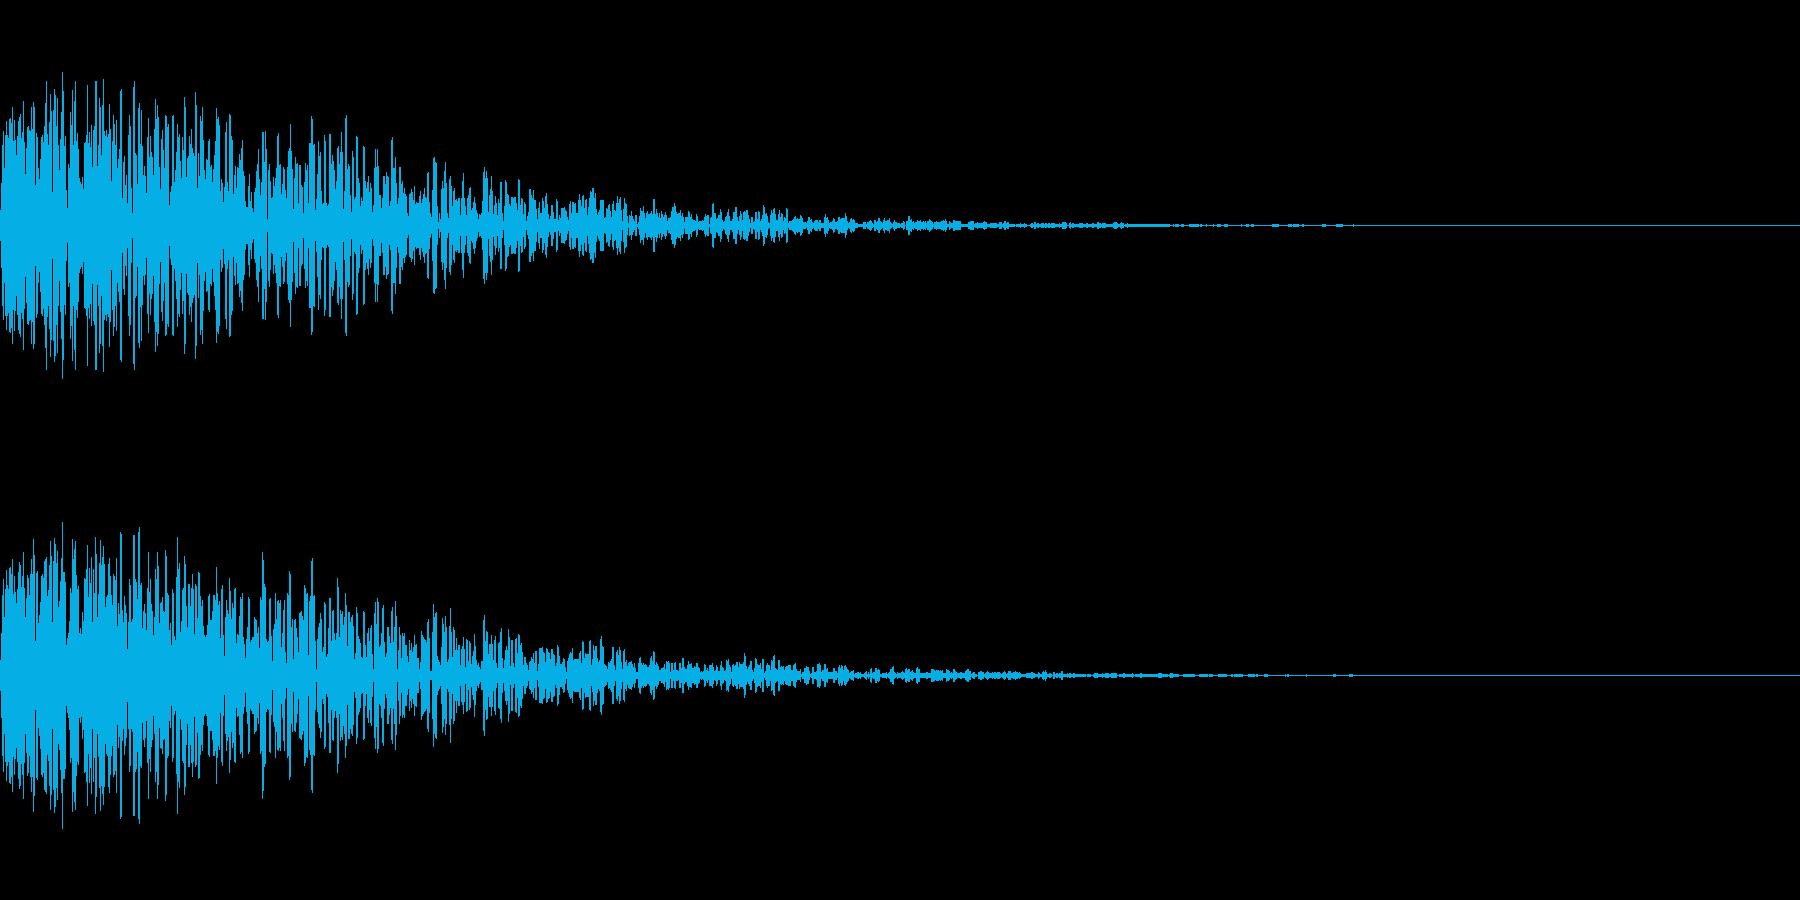 爆発音のようなドーン音の再生済みの波形